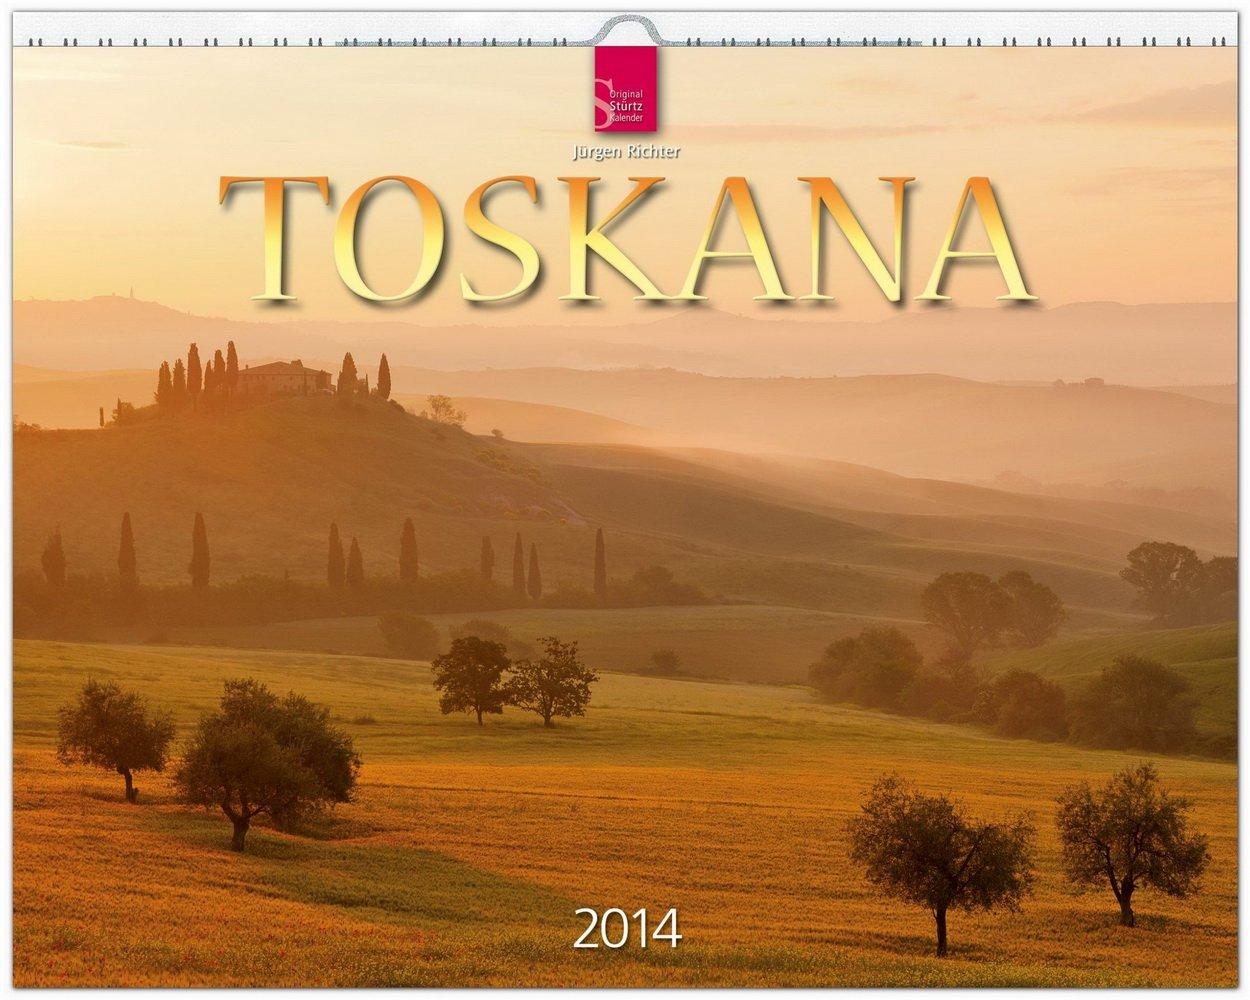 Toskana 2014: Original Stürtz-Kalender - Großformat-Kalender 60 x 48 cm [Spiralbindung]